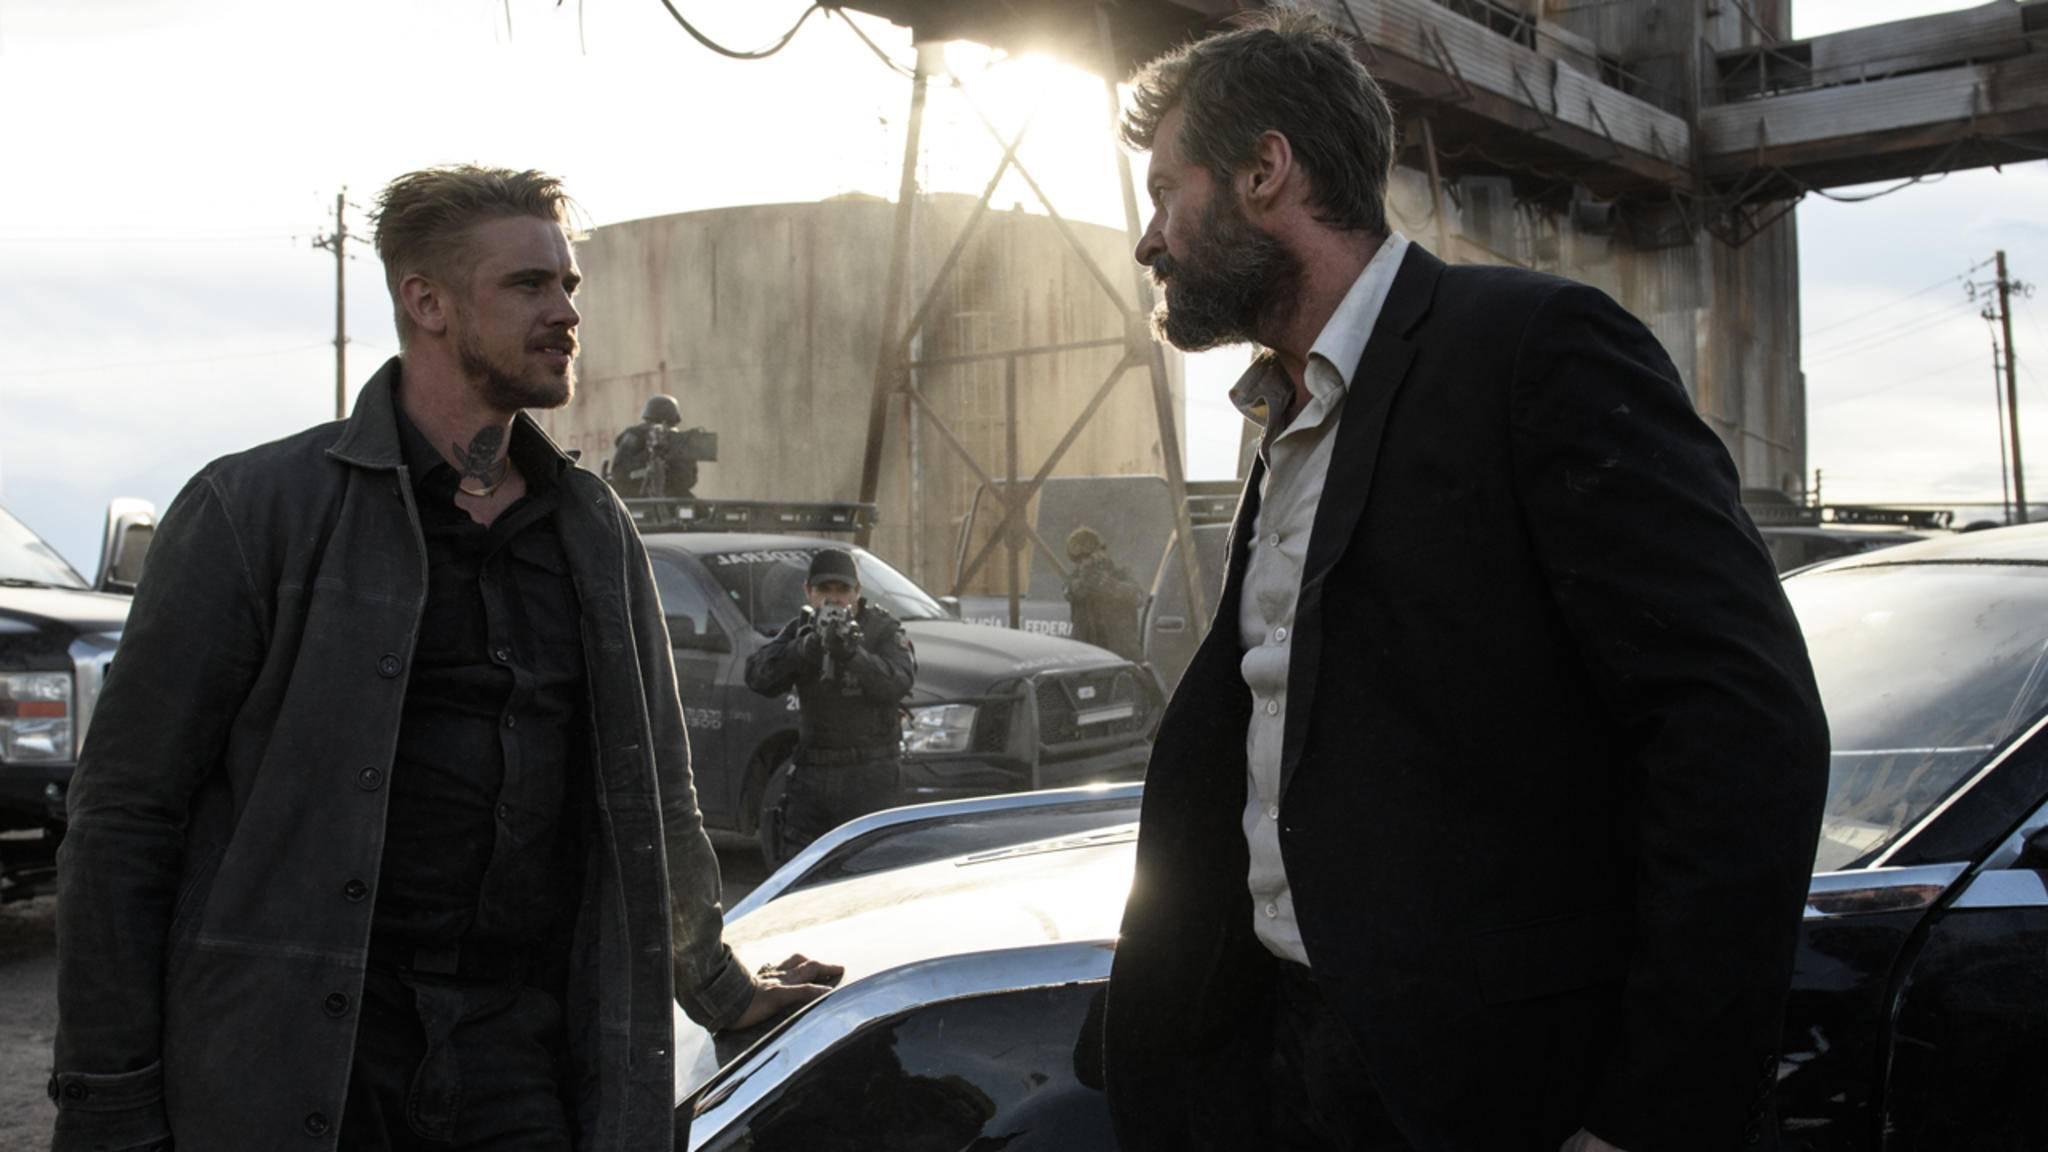 """Es riecht nach Ärger: Wolverine (Hugh Jackman, r.) und Pierce (Boyd Holbrook) werden sich in """"Logan"""" blutige Scharmützel liefern."""